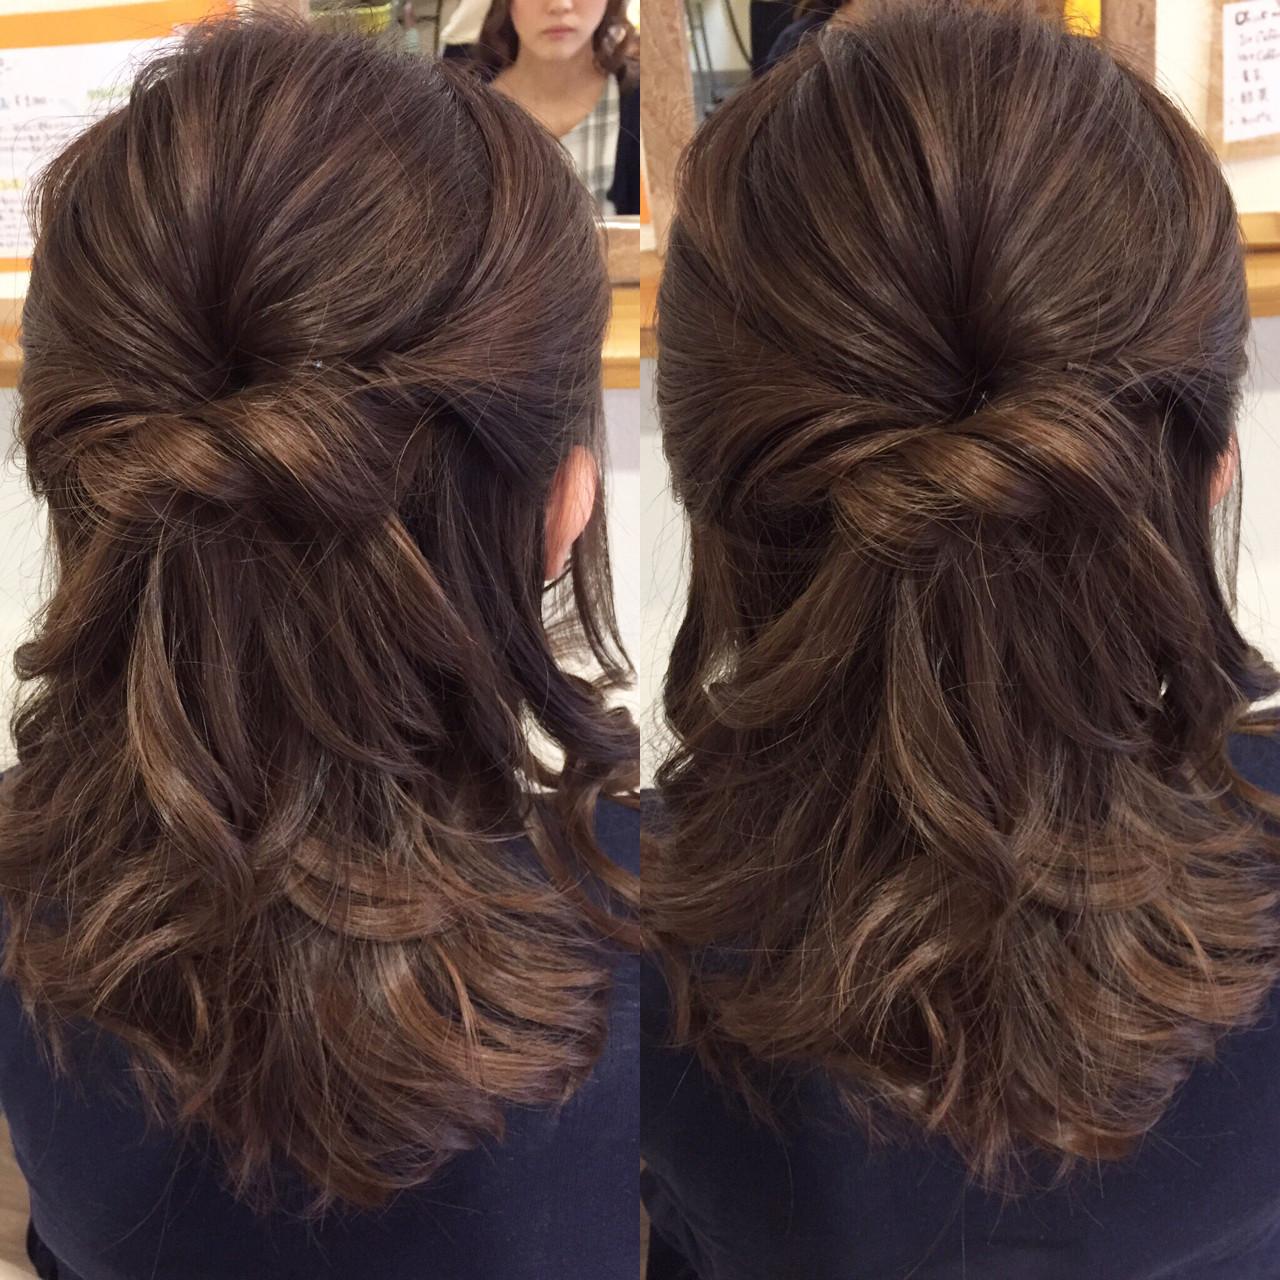 ハーフアップ フェミニン セミロング デート ヘアスタイルや髪型の写真・画像